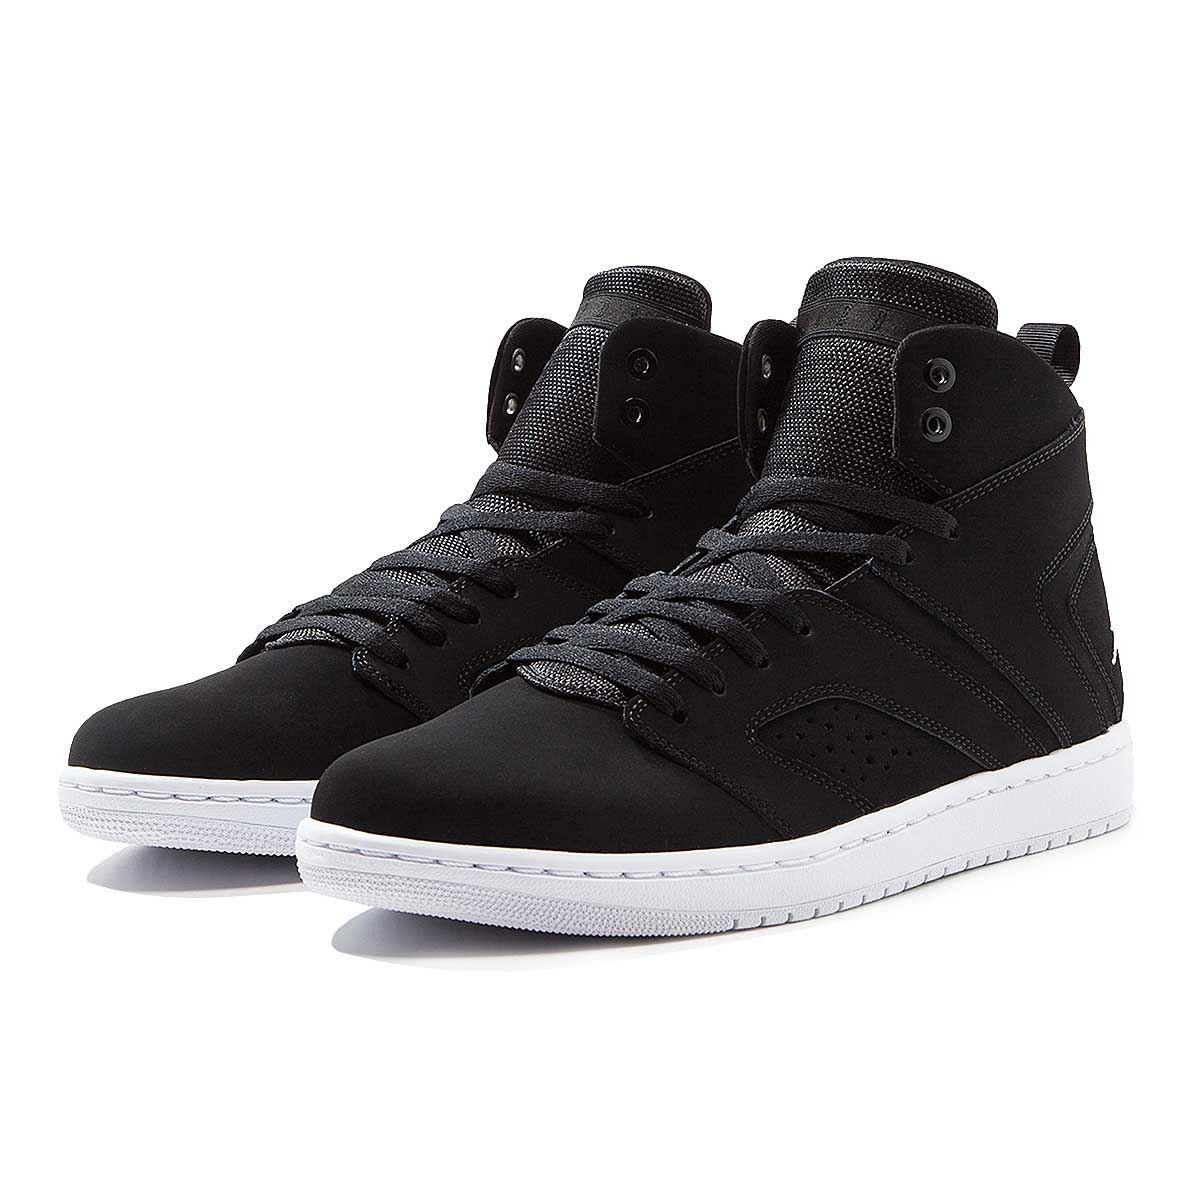 Détails sur Nike Homme Jordan Vol Basketball Chaussures Baskets Classique Noir (AA2526 010)